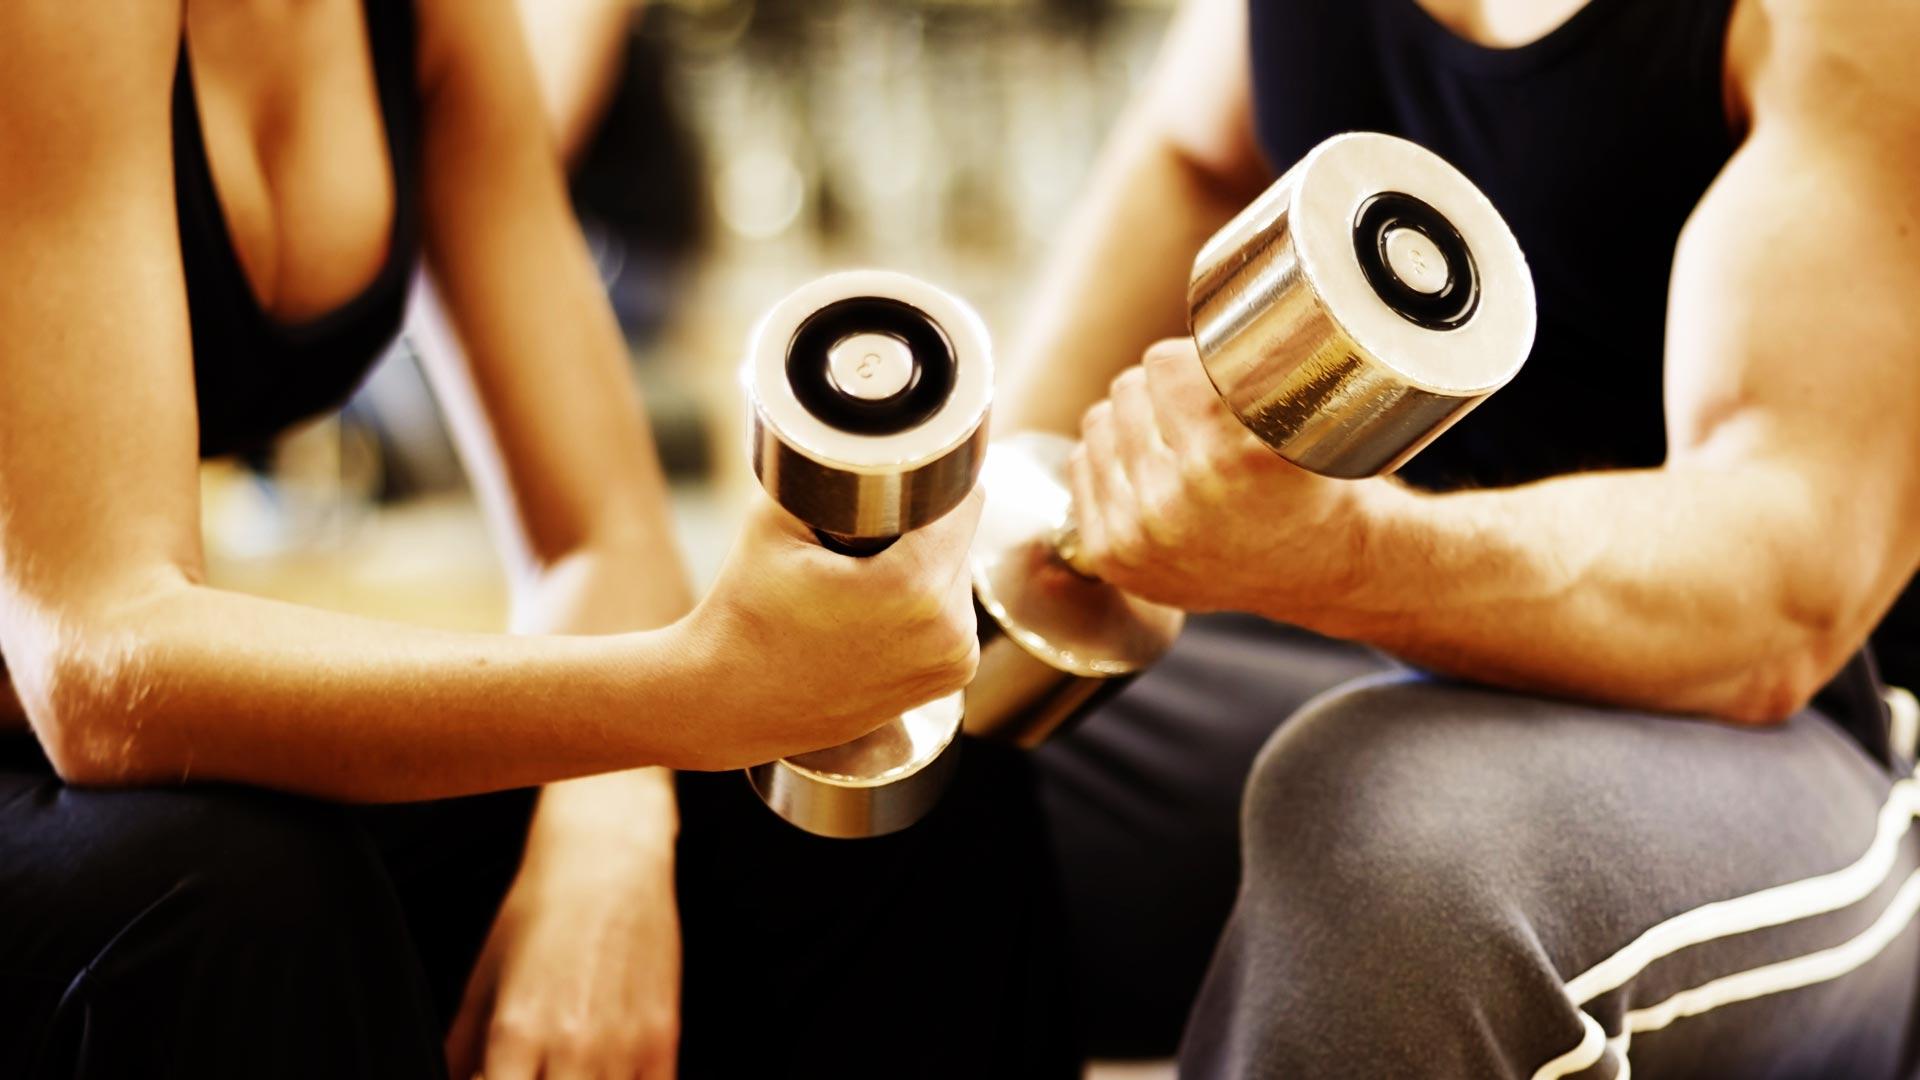 Musculação é mais do que um corpo definido: saiba os benefícios da prática